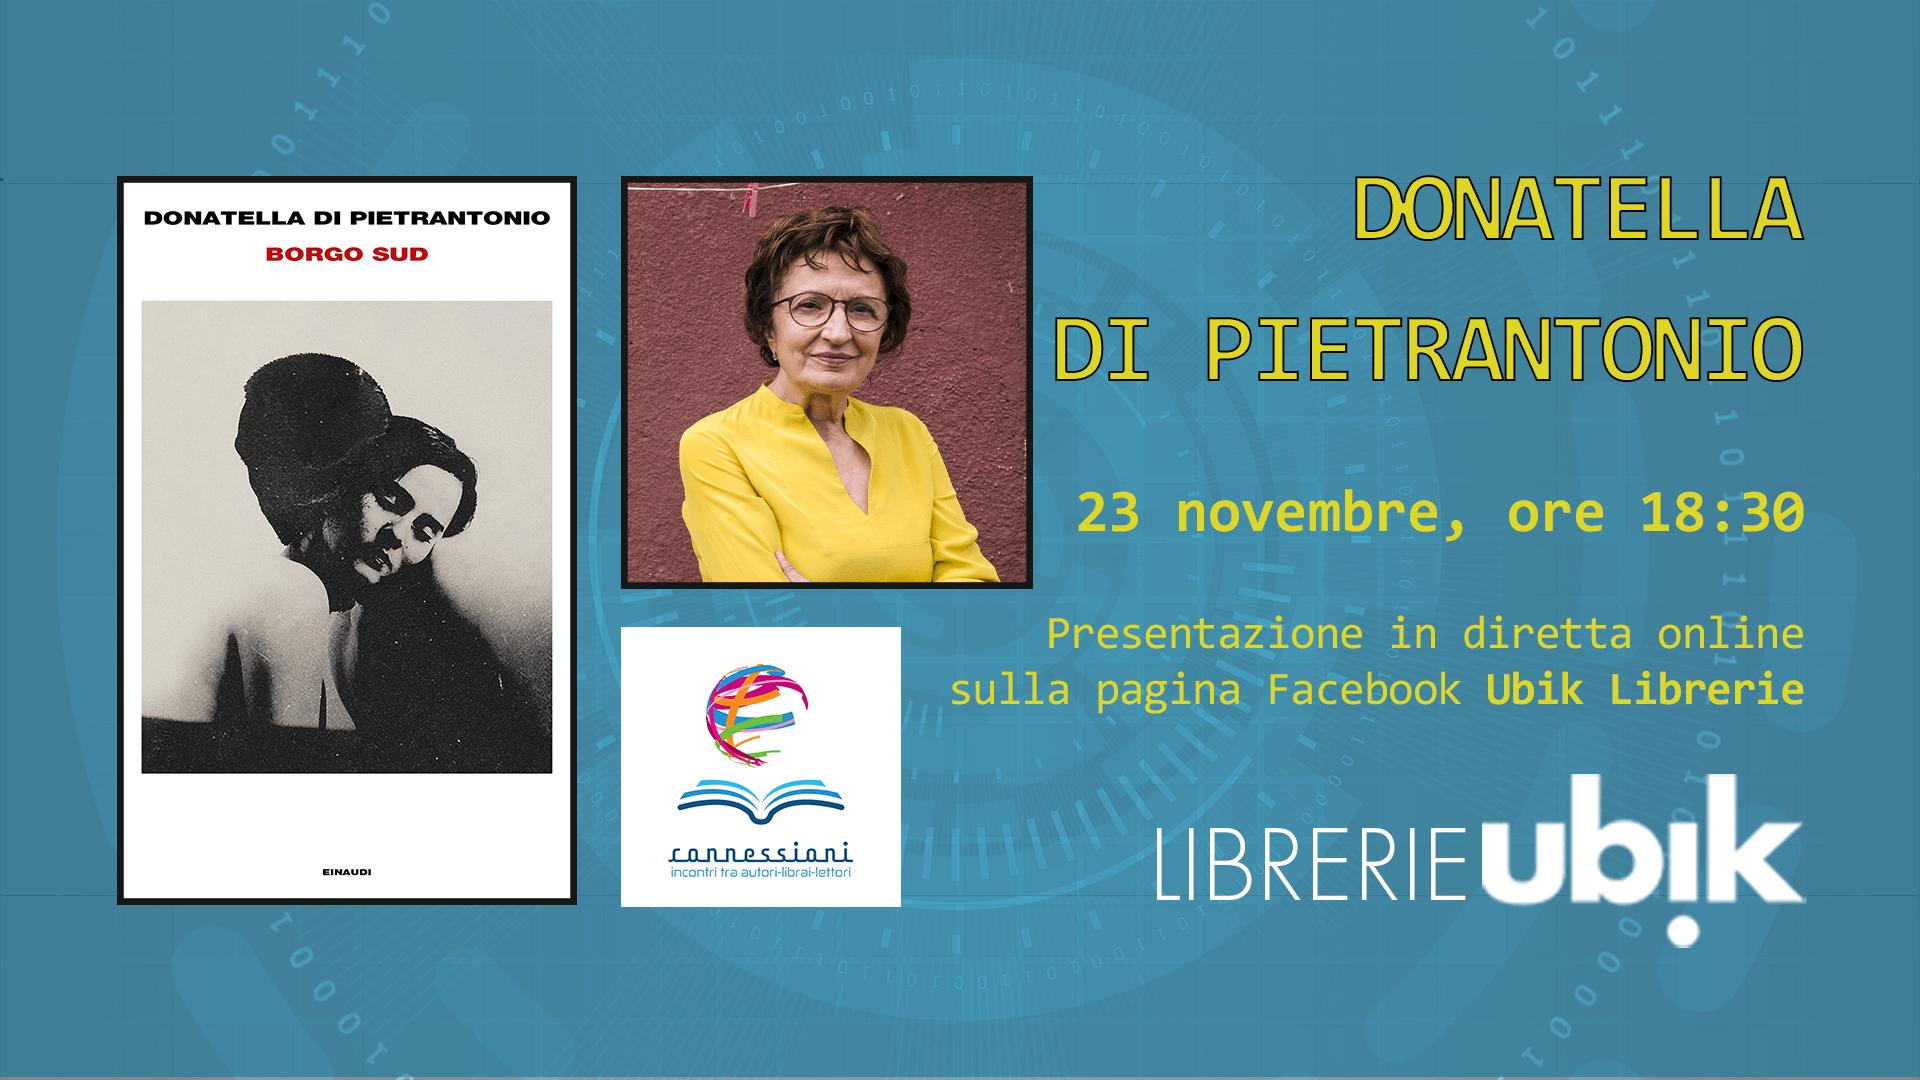 DONATELLA DI PIETRANTONIO presenta in diretta online